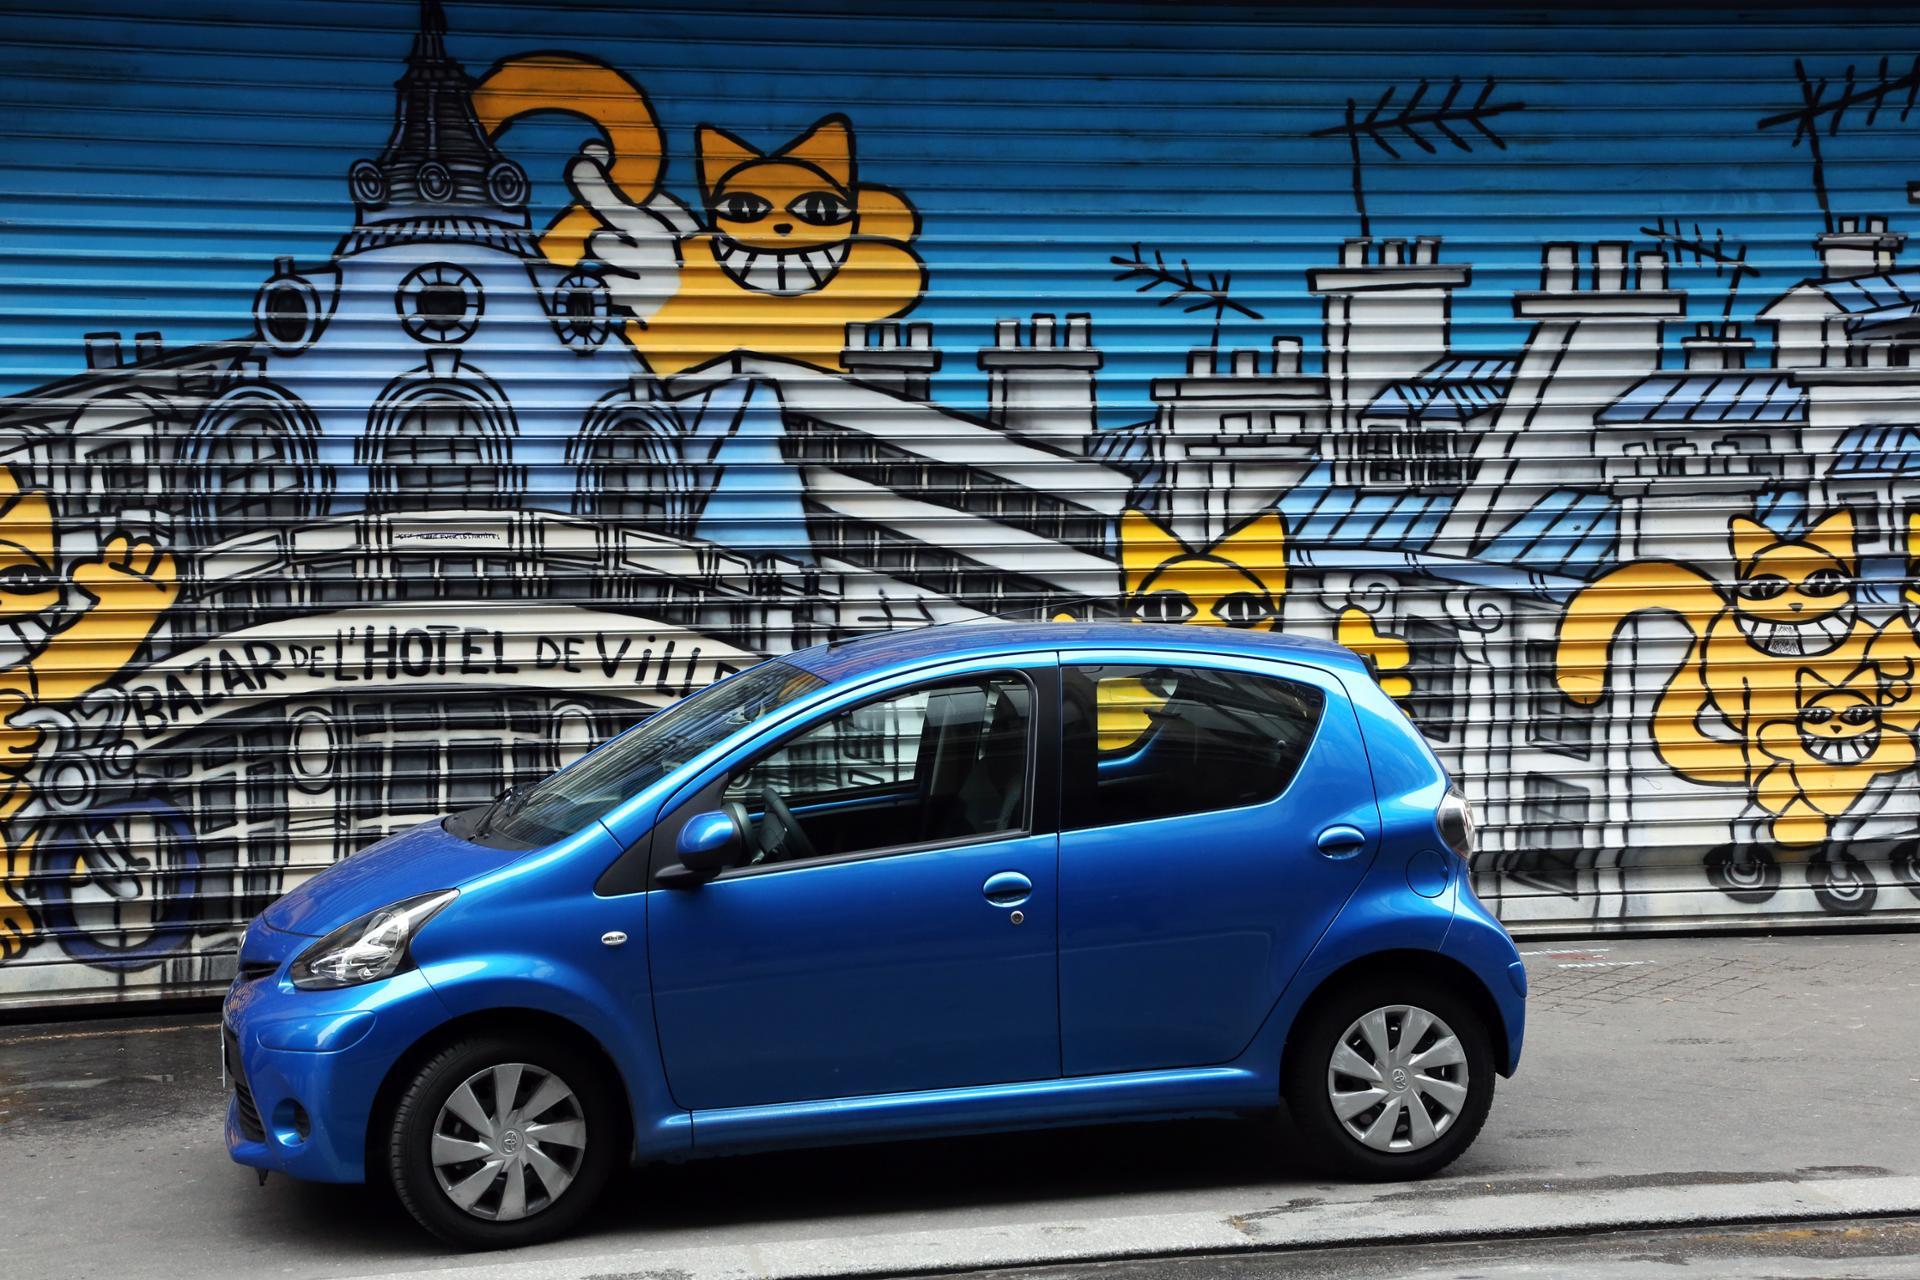 Rêve, la voiture bleue !